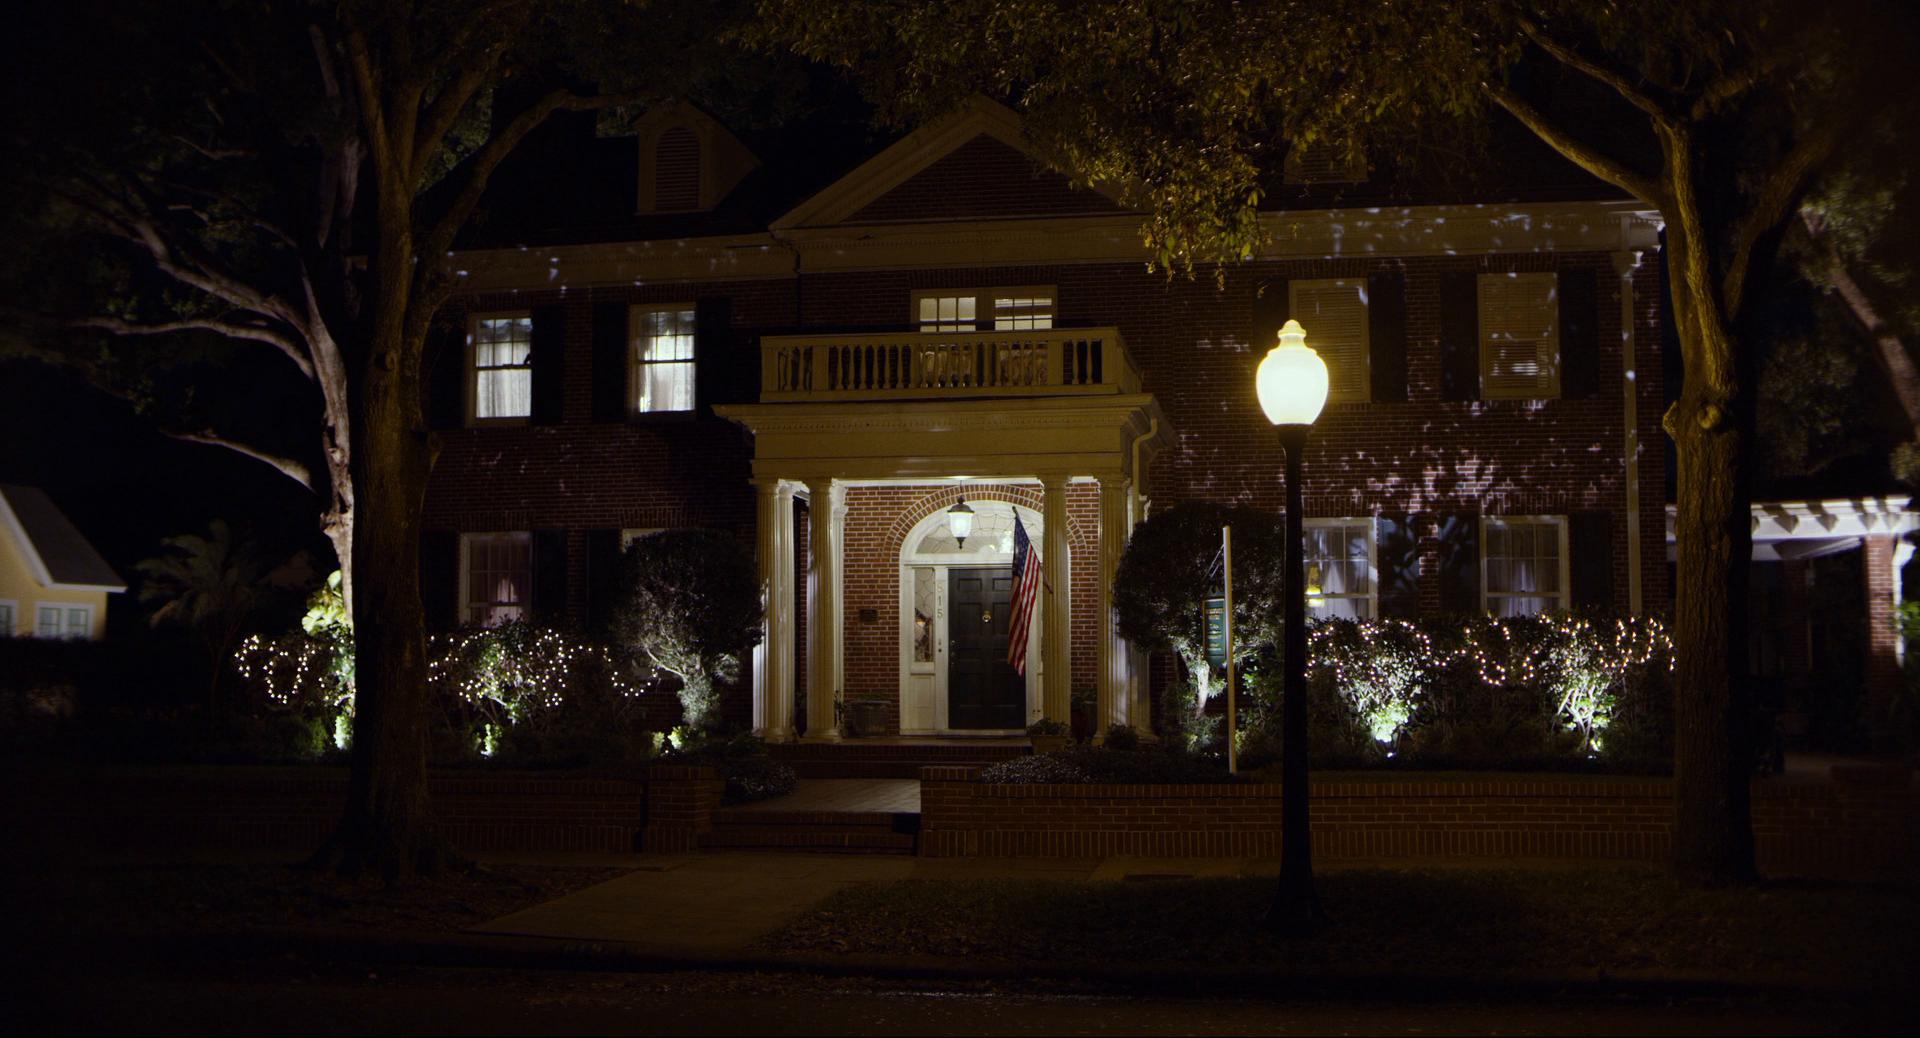 悠悠MP4_MP4电影下载_庄园夫人/女领主 Lady.of.the.Manor.2021.1080p.BluRay.x264.DTS-MT 16.47GB